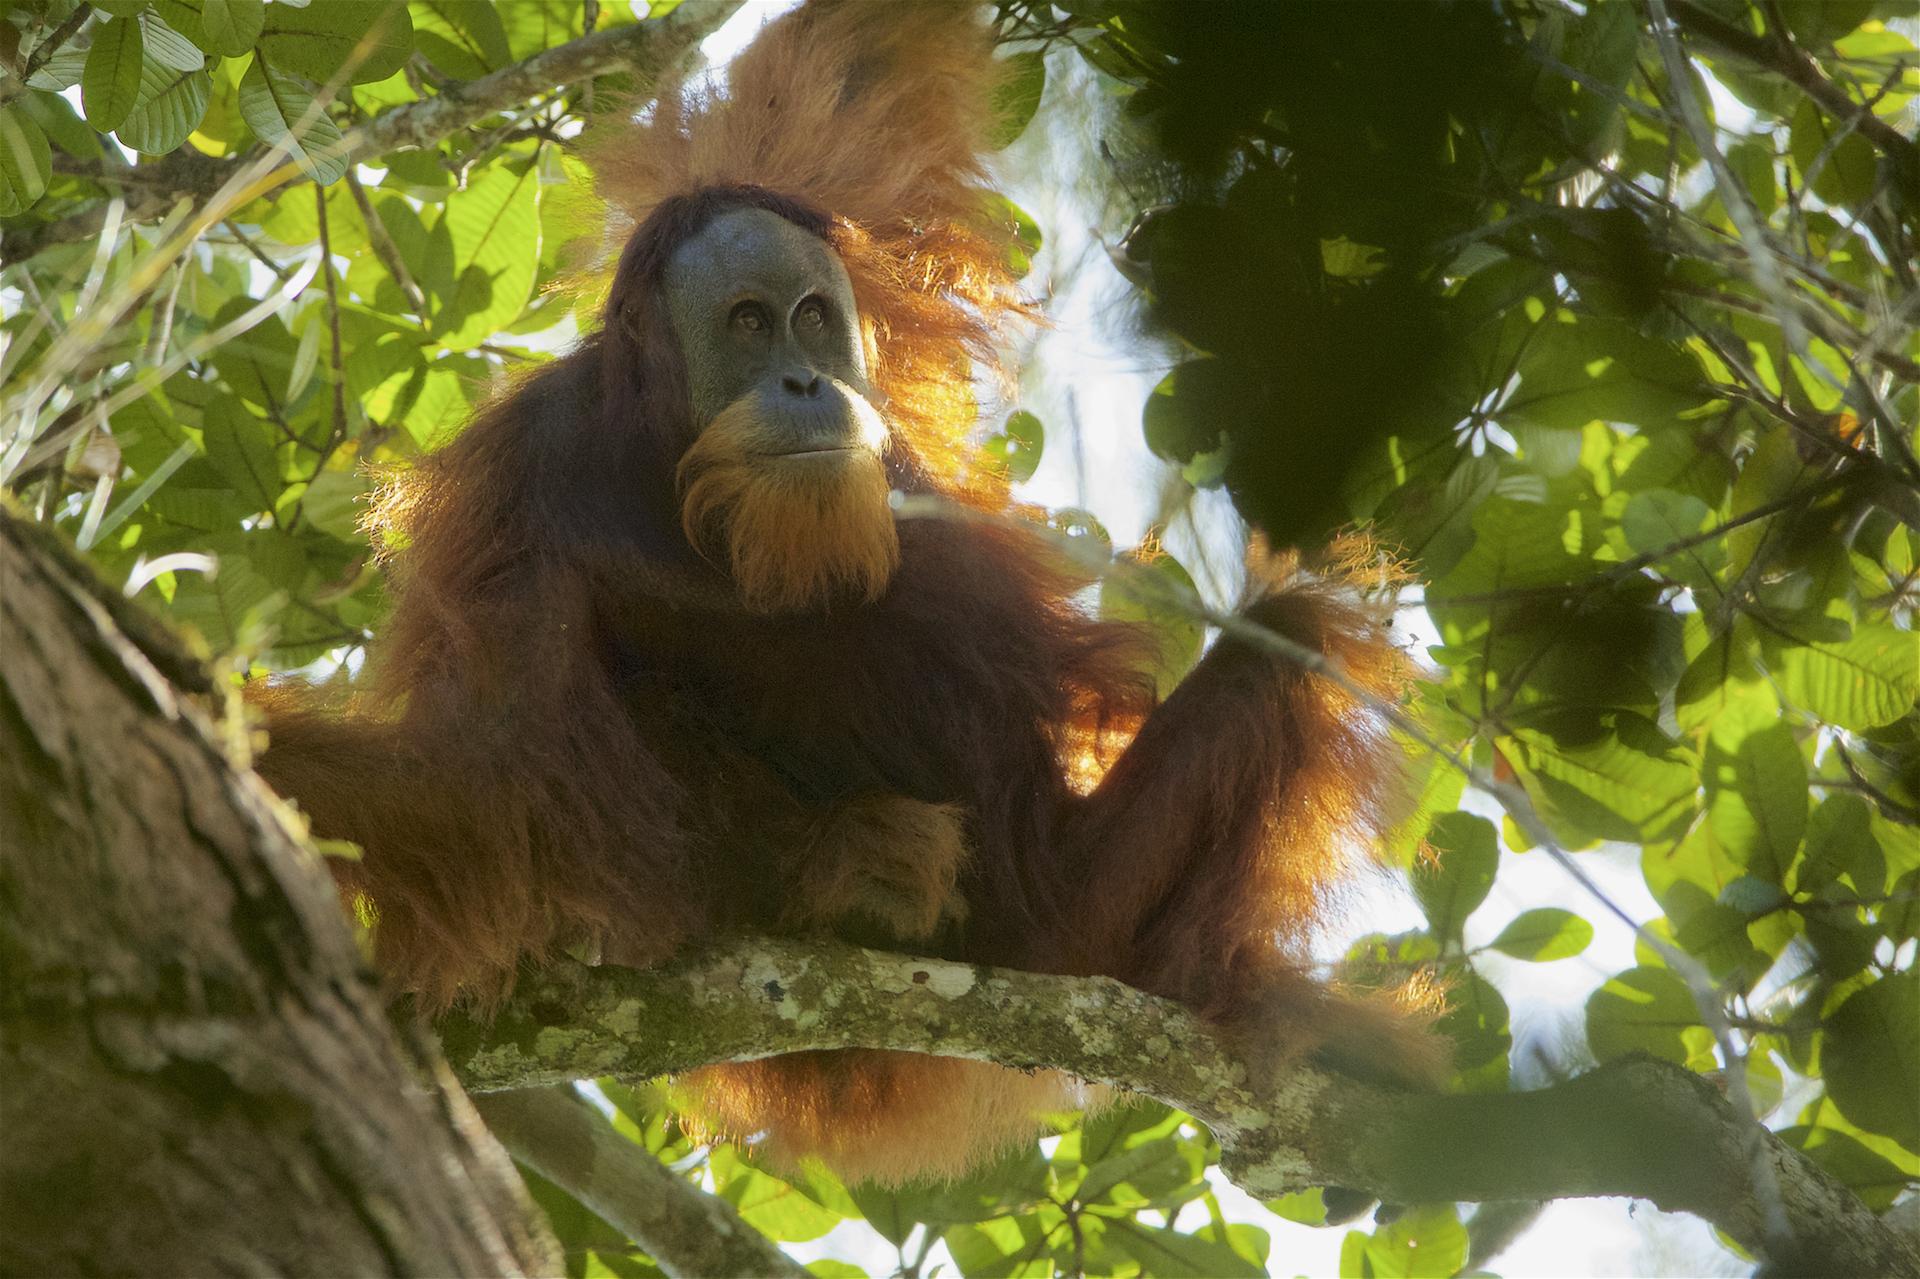 the new orangutan